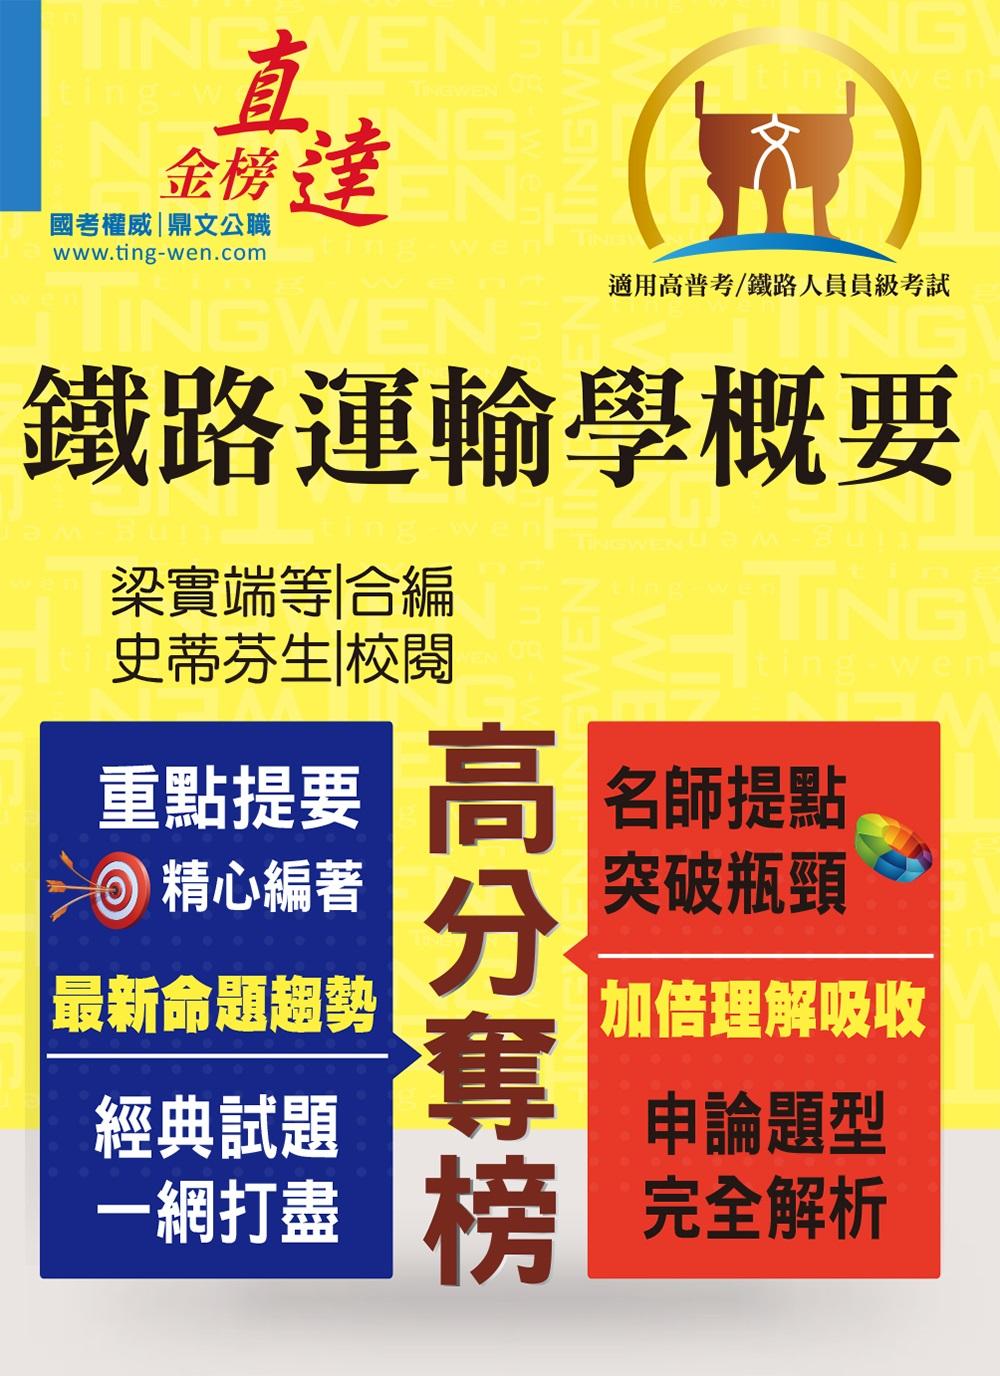 107年鐵路特考「金榜直達」【鐵路運輸學概要】(鐵路大師親編,申論題型攻略)(2版)